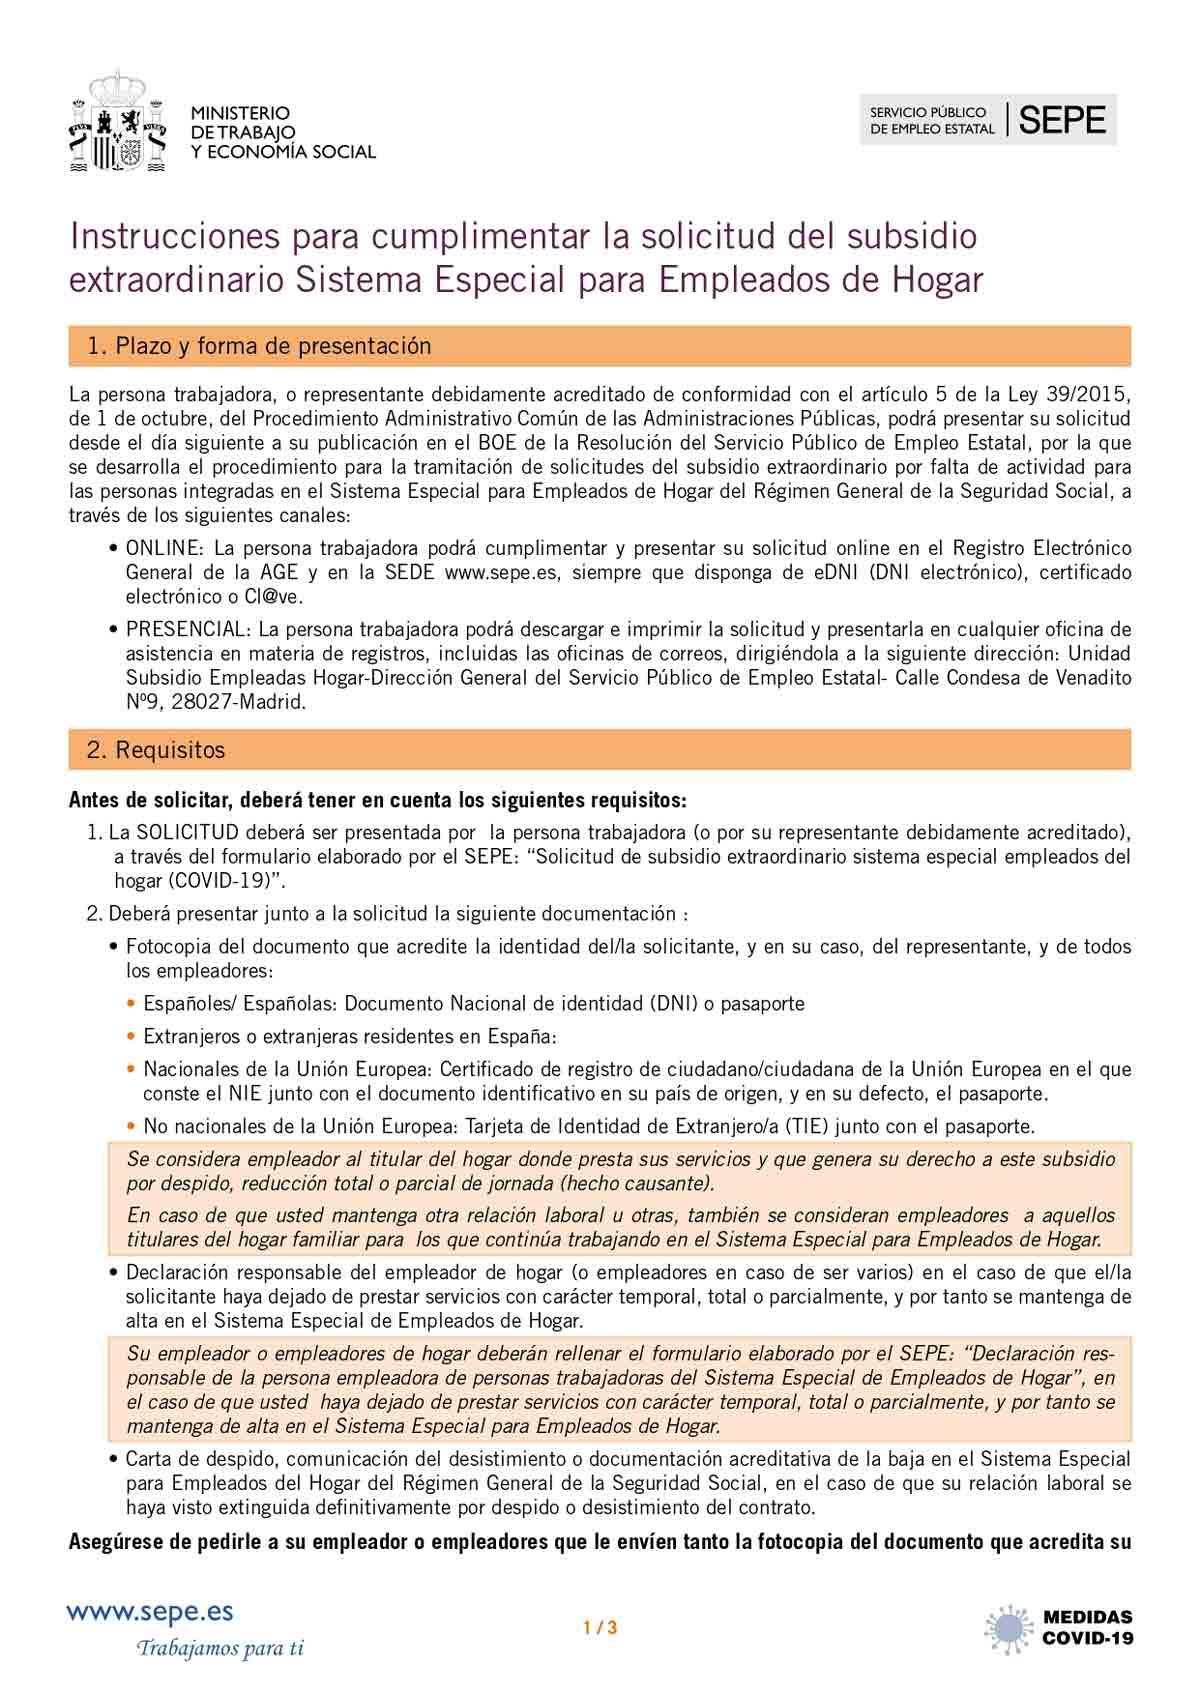 Instrucciones solicitud subsidio página 1